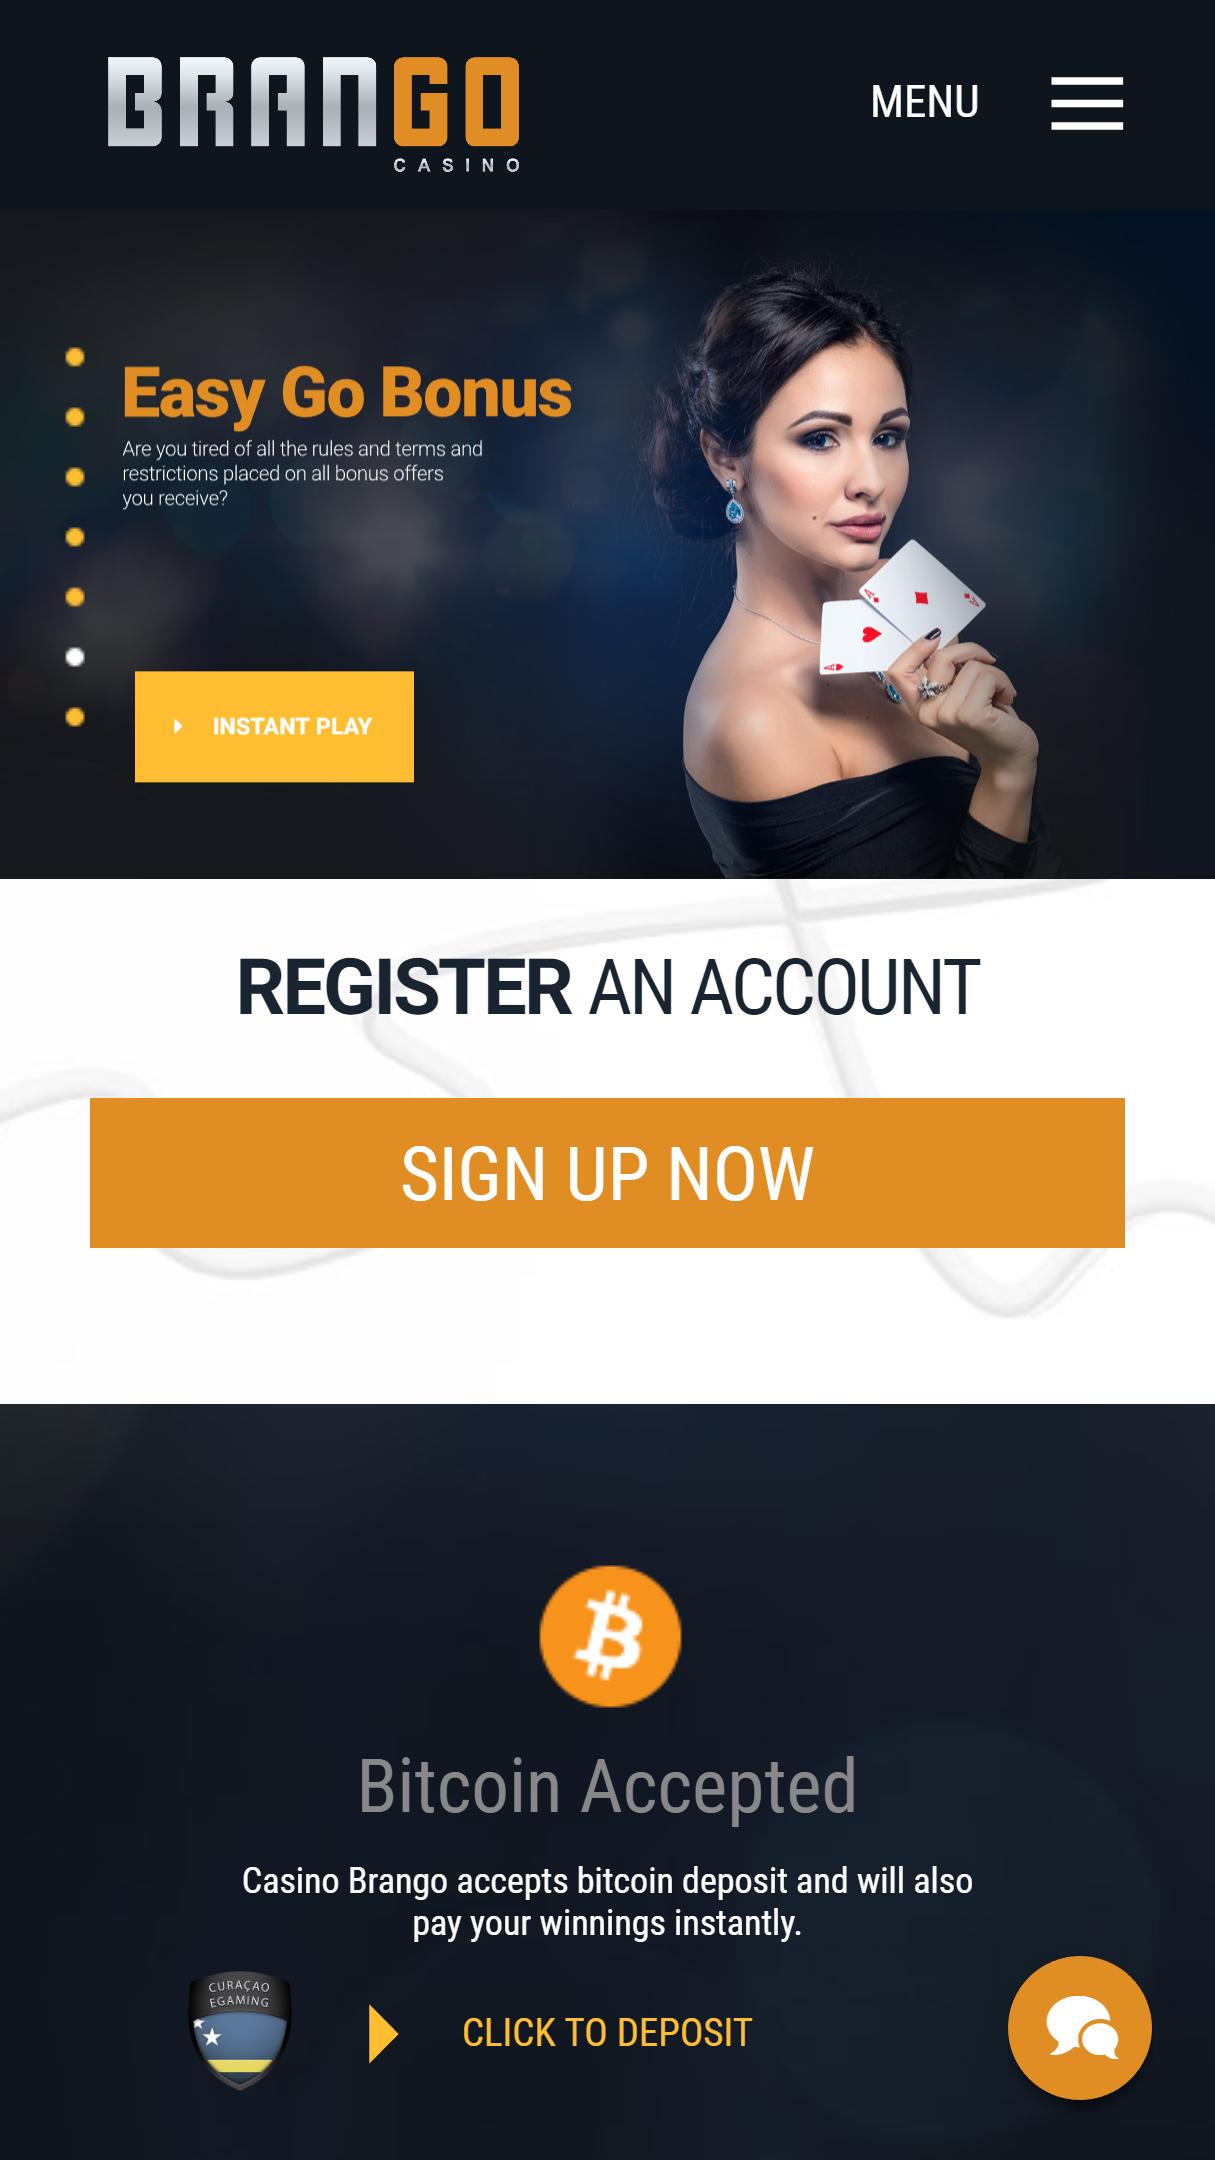 Brango Casino App Homepage